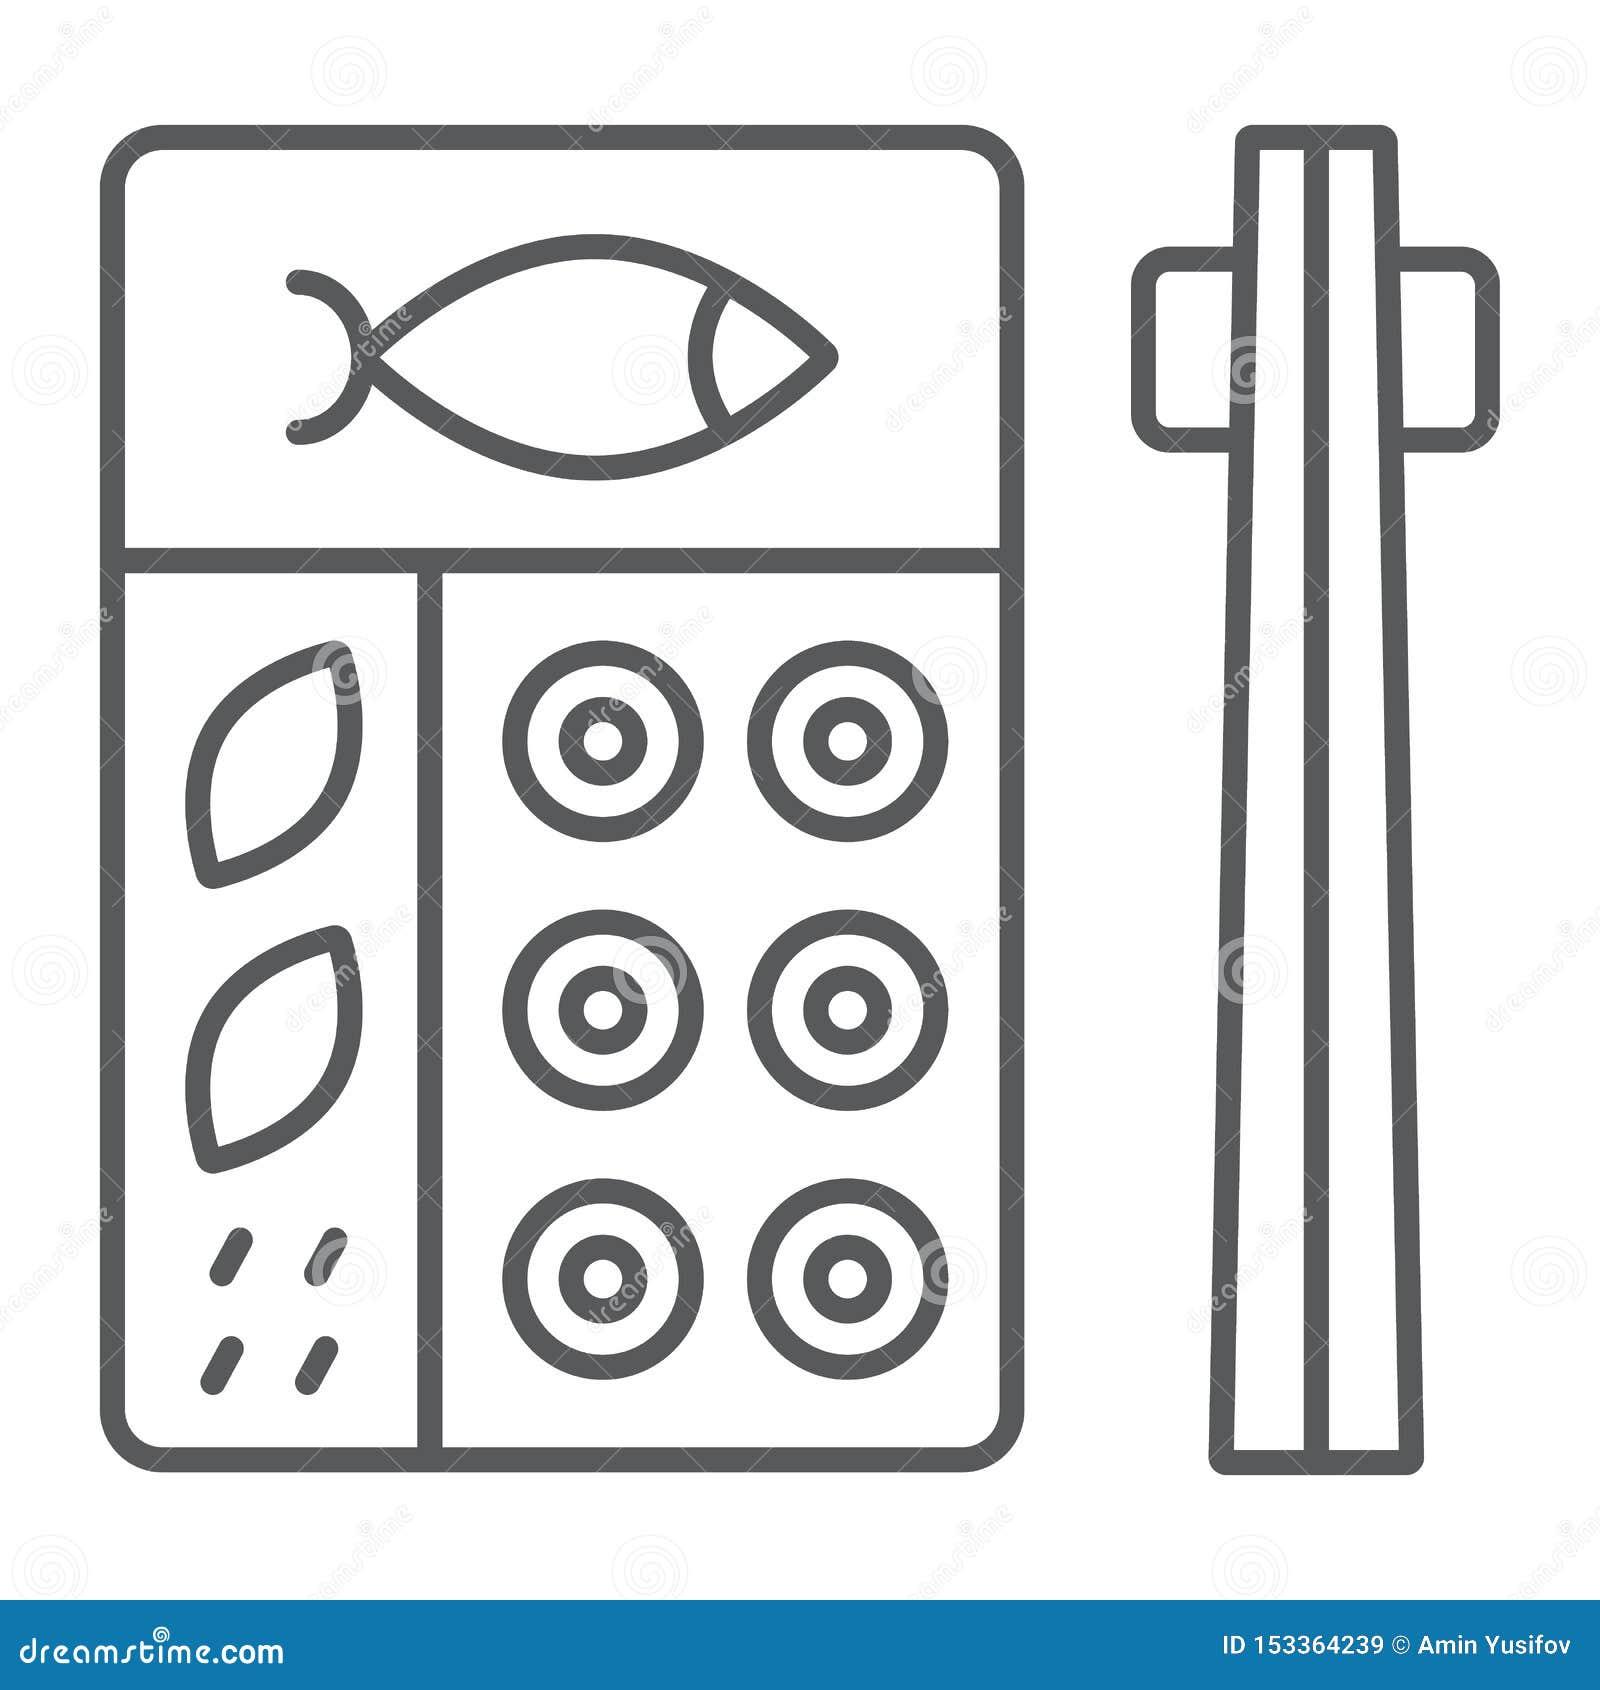 Linea sottile icona di bento, asiatico ed alimento, segno giapponese della scatola di pranzo, grafica vettoriale, un modello line